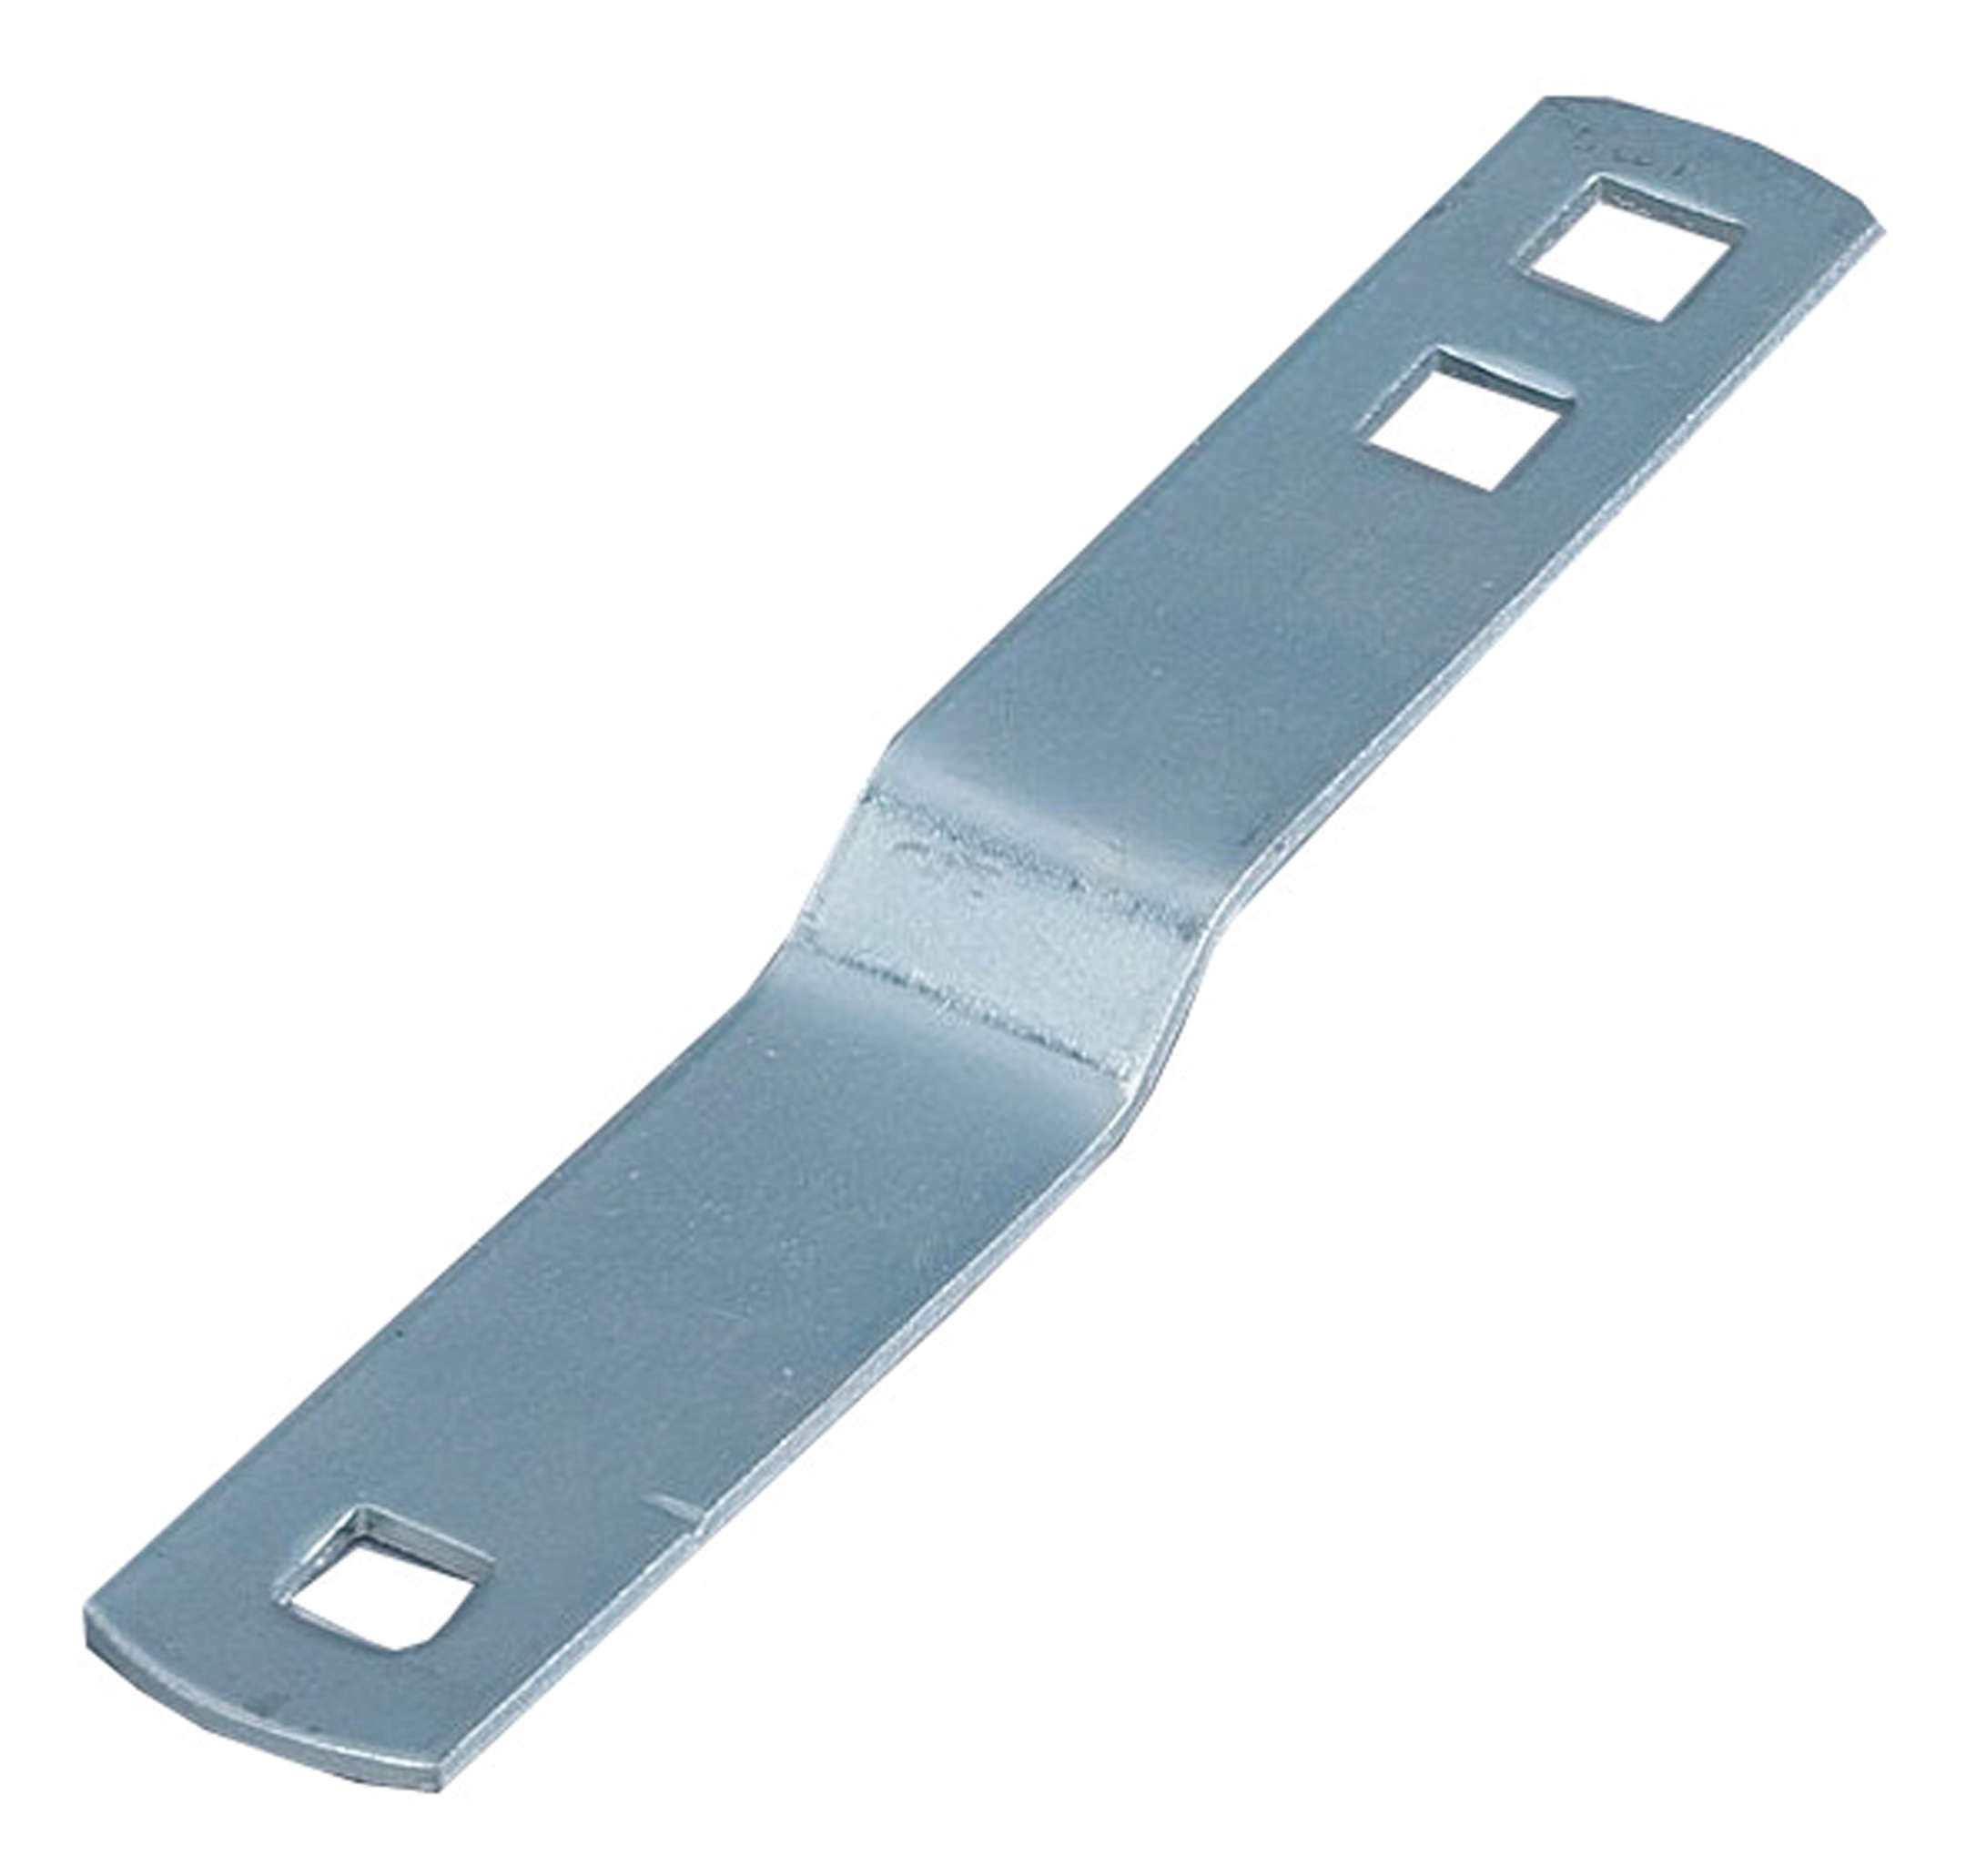 Drahtspannerschlüssel - (VPE: 25 Stück)